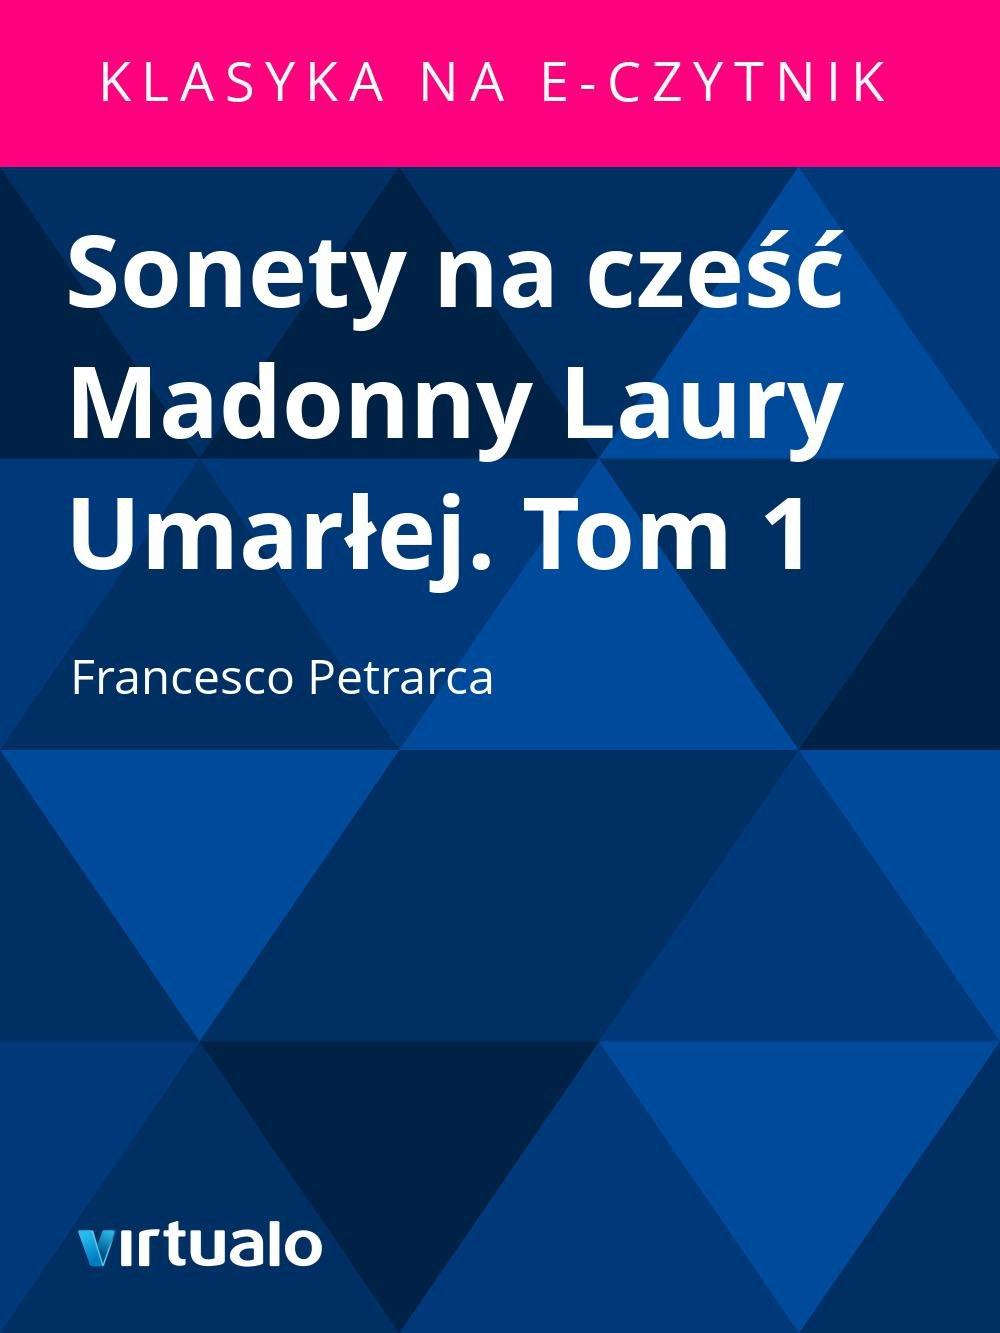 Sonety na cześć Madonny Laury Umarłej. Tom 1 - Ebook (Książka EPUB) do pobrania w formacie EPUB